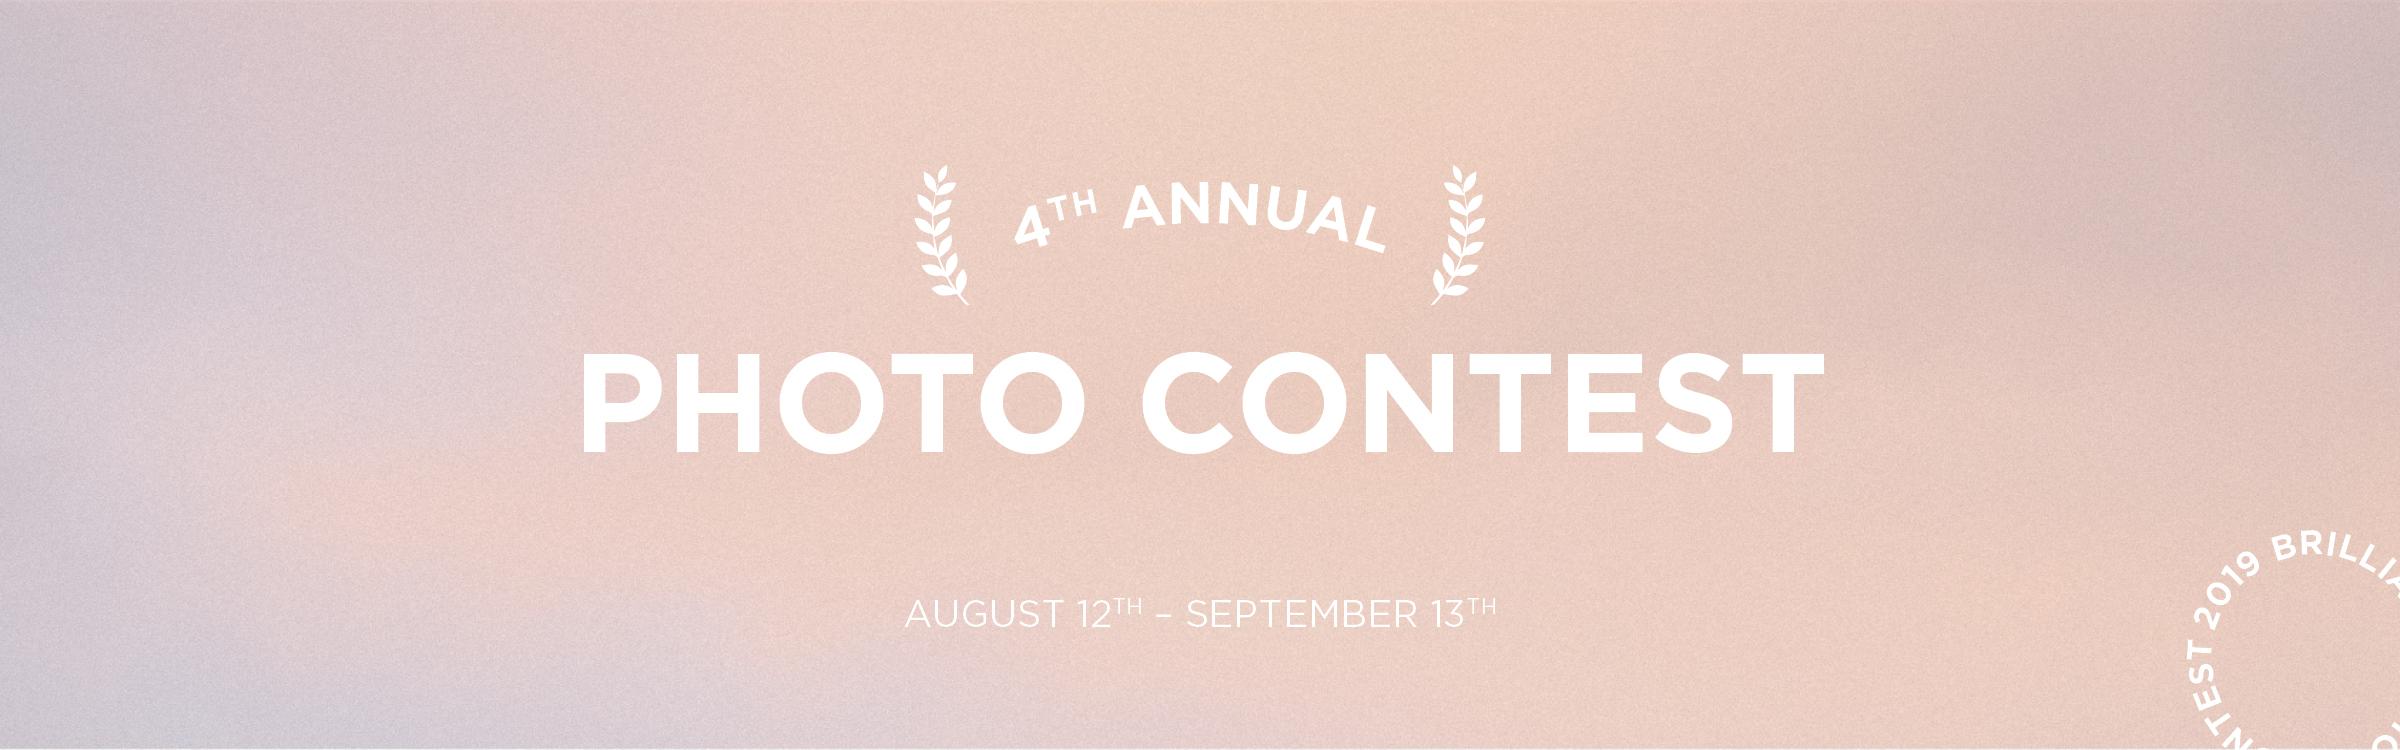 Photo Contest Header2.jpg